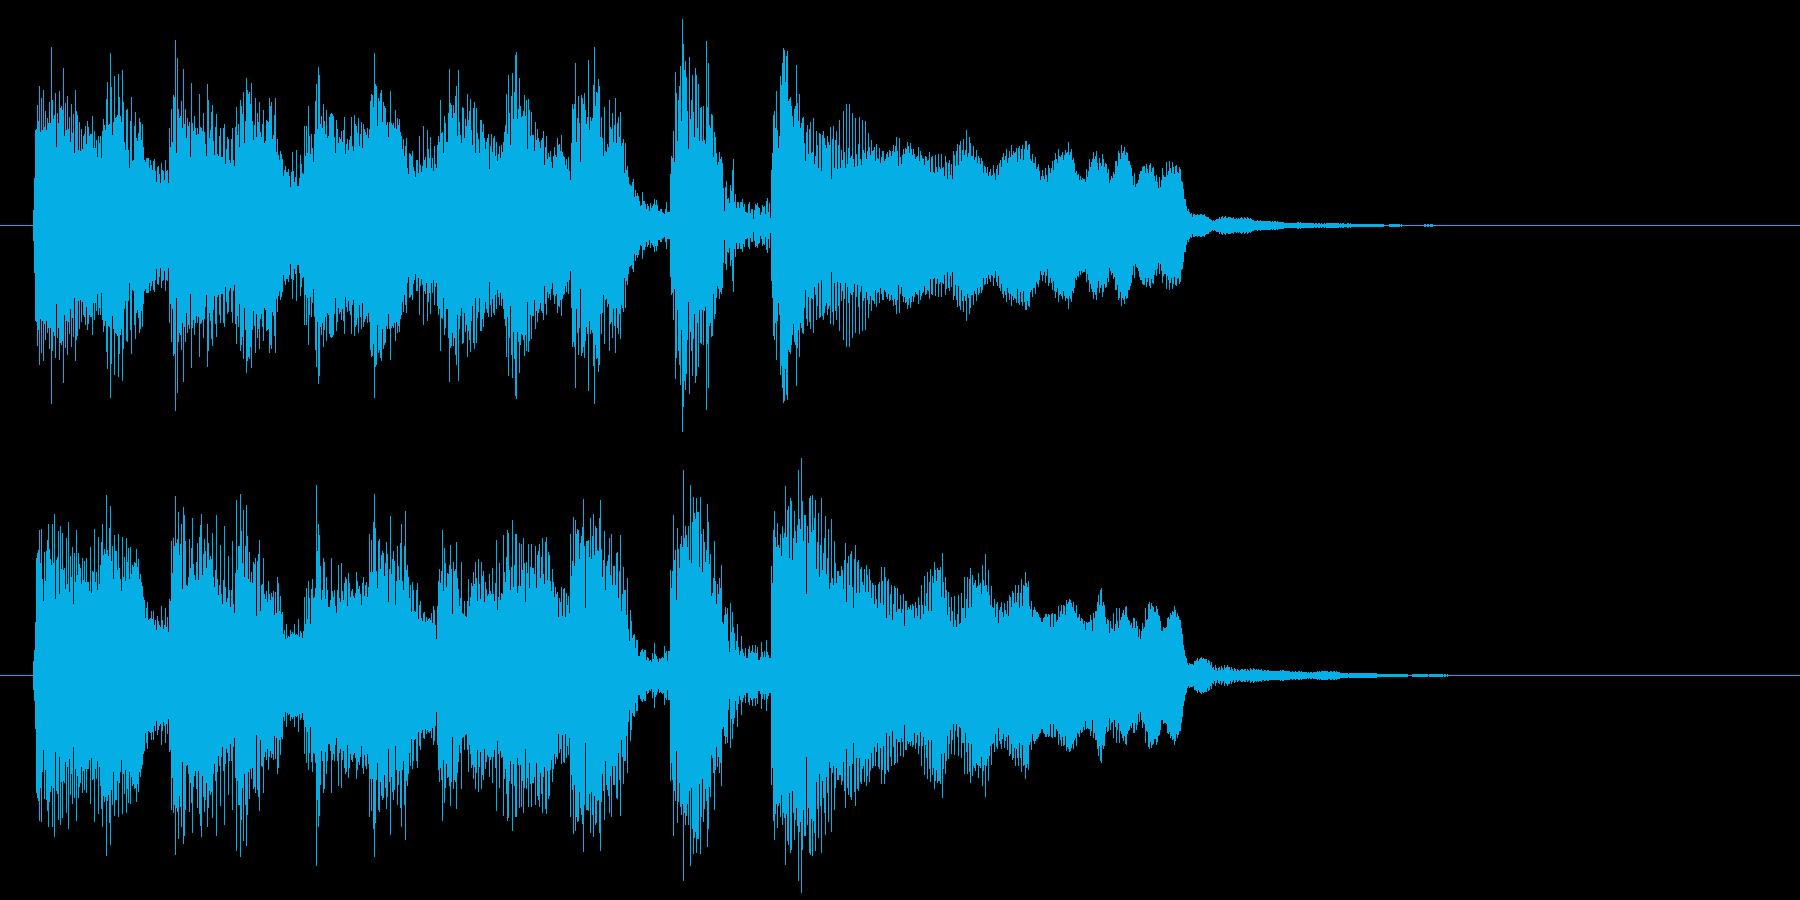 ステージクリア、レベルアップ等のジングルの再生済みの波形